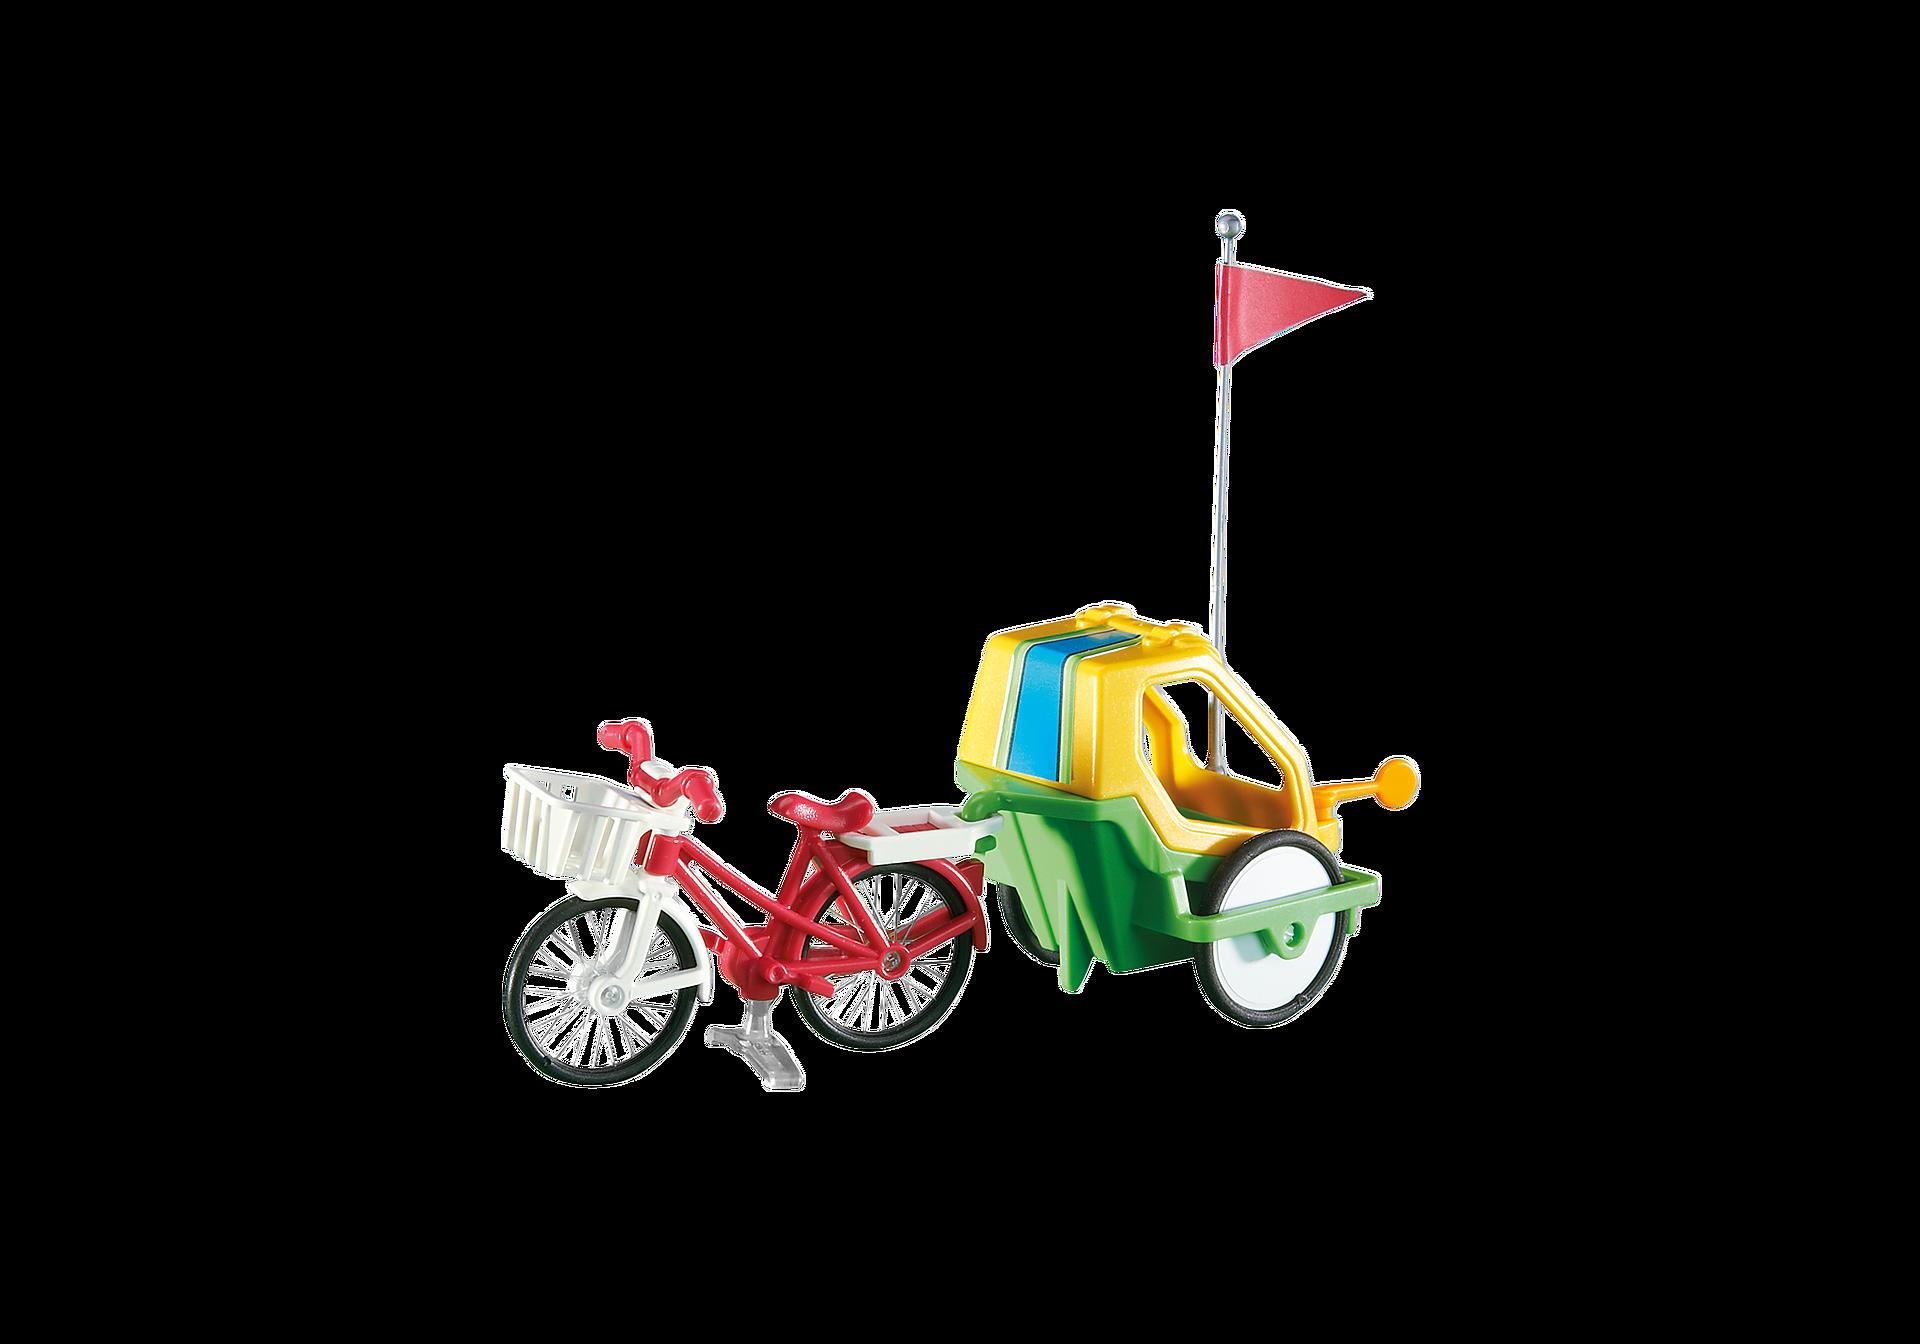 6388 Vélo avec remorque pour enfant  zoom image1